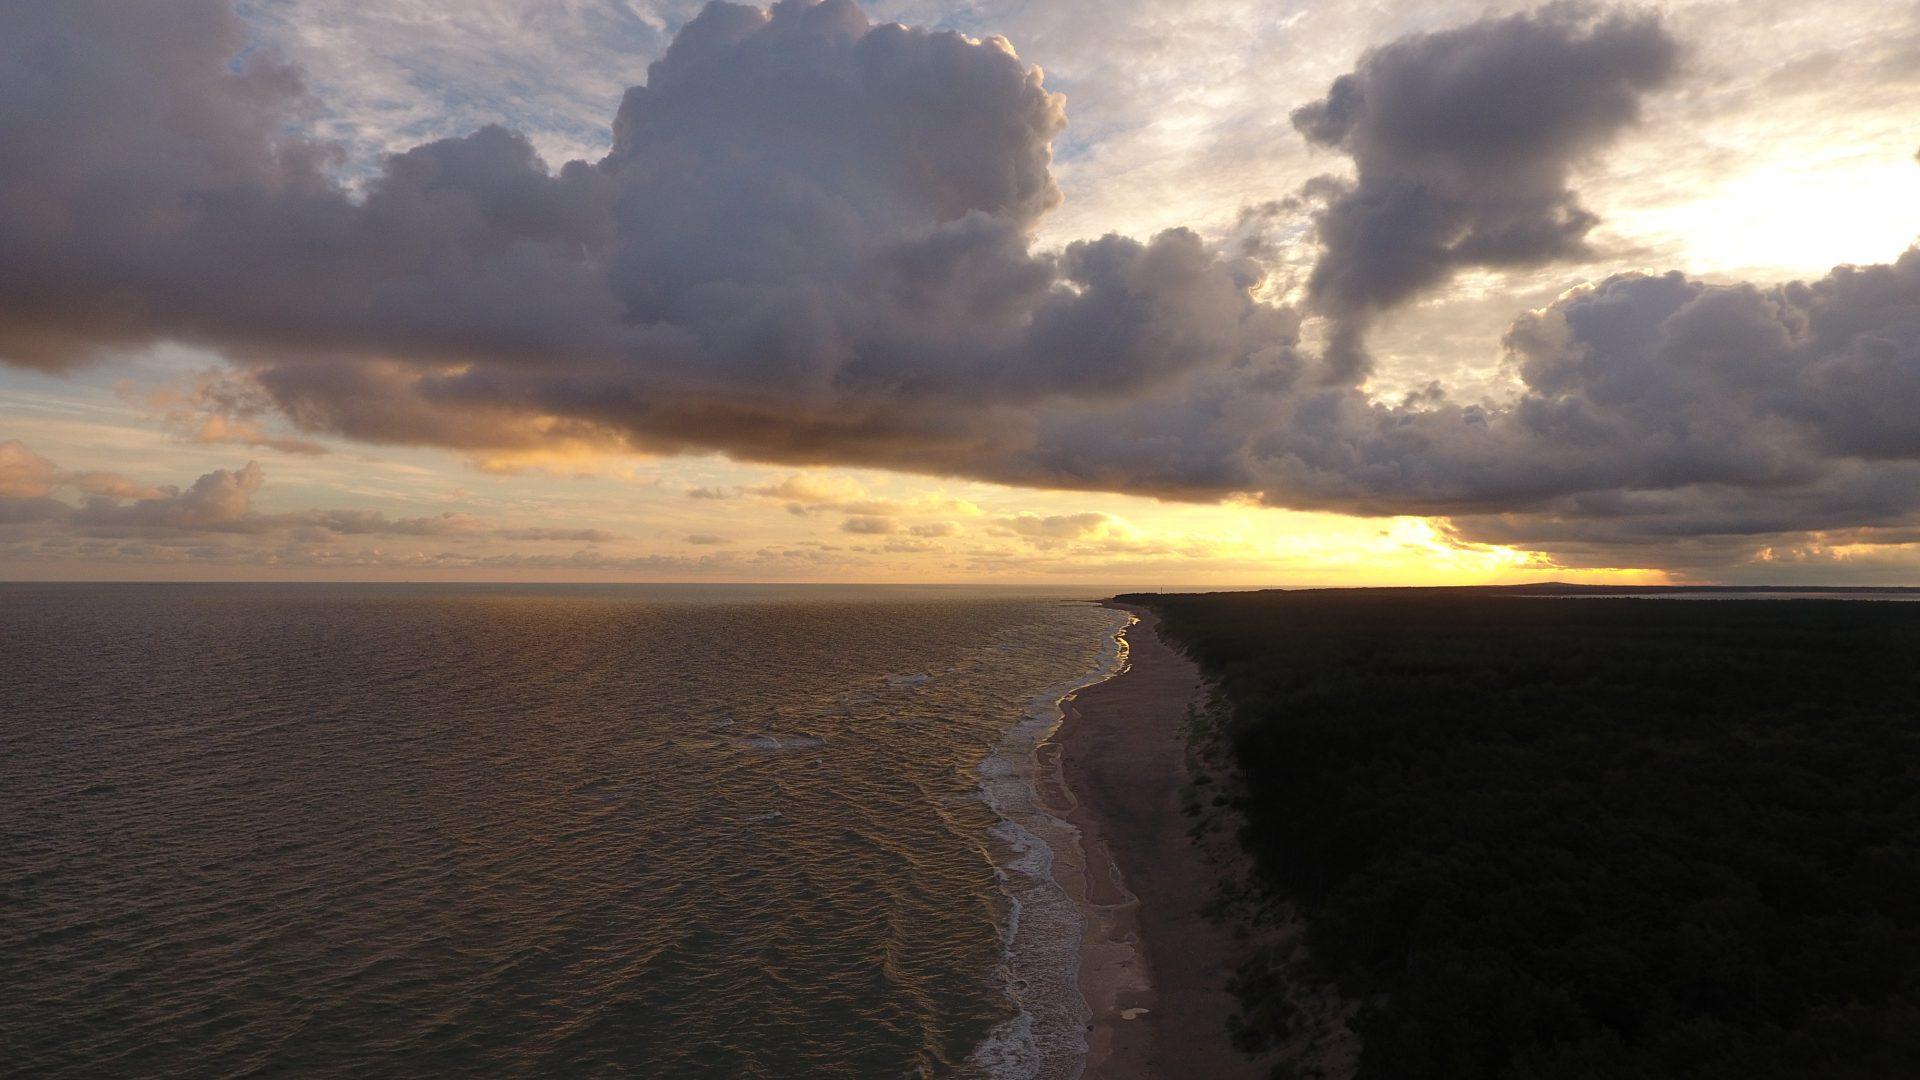 Zdjęcie z drona na morze podczas zachodu słońca